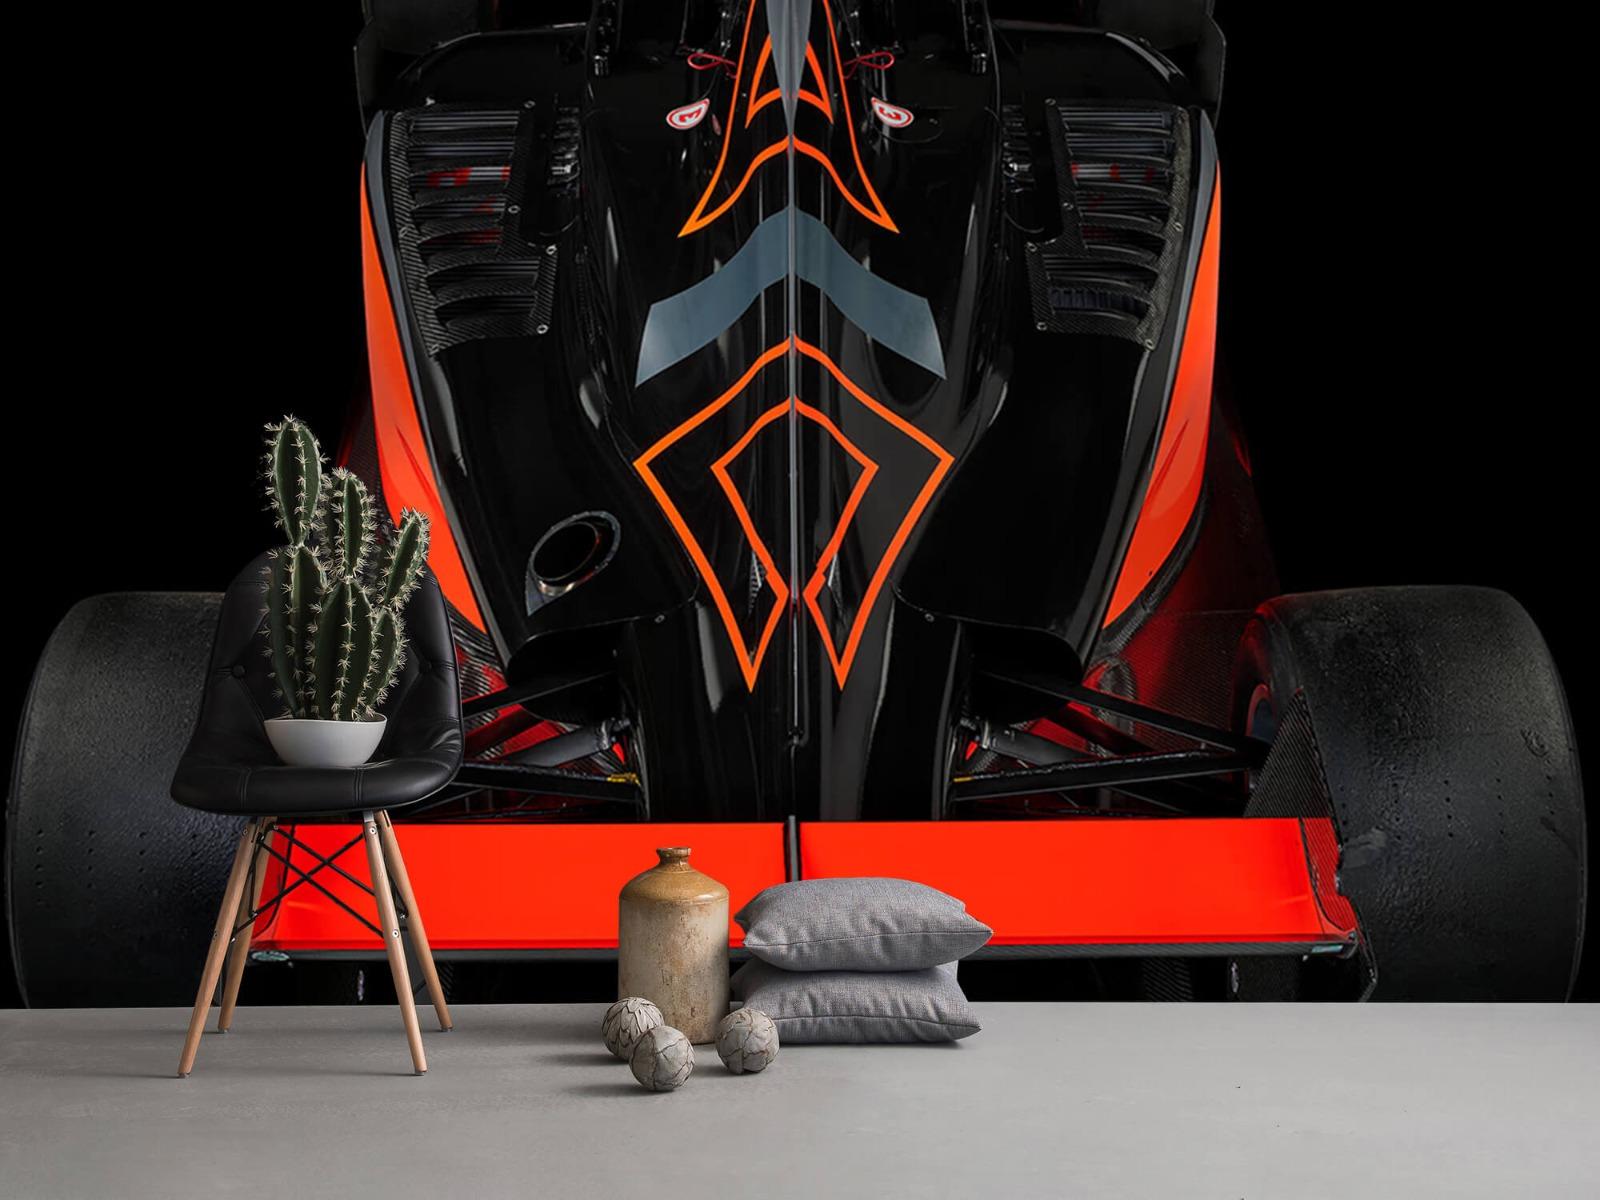 Sportauto's - Formule 3 - Rear view - dark - Tienerkamer 13